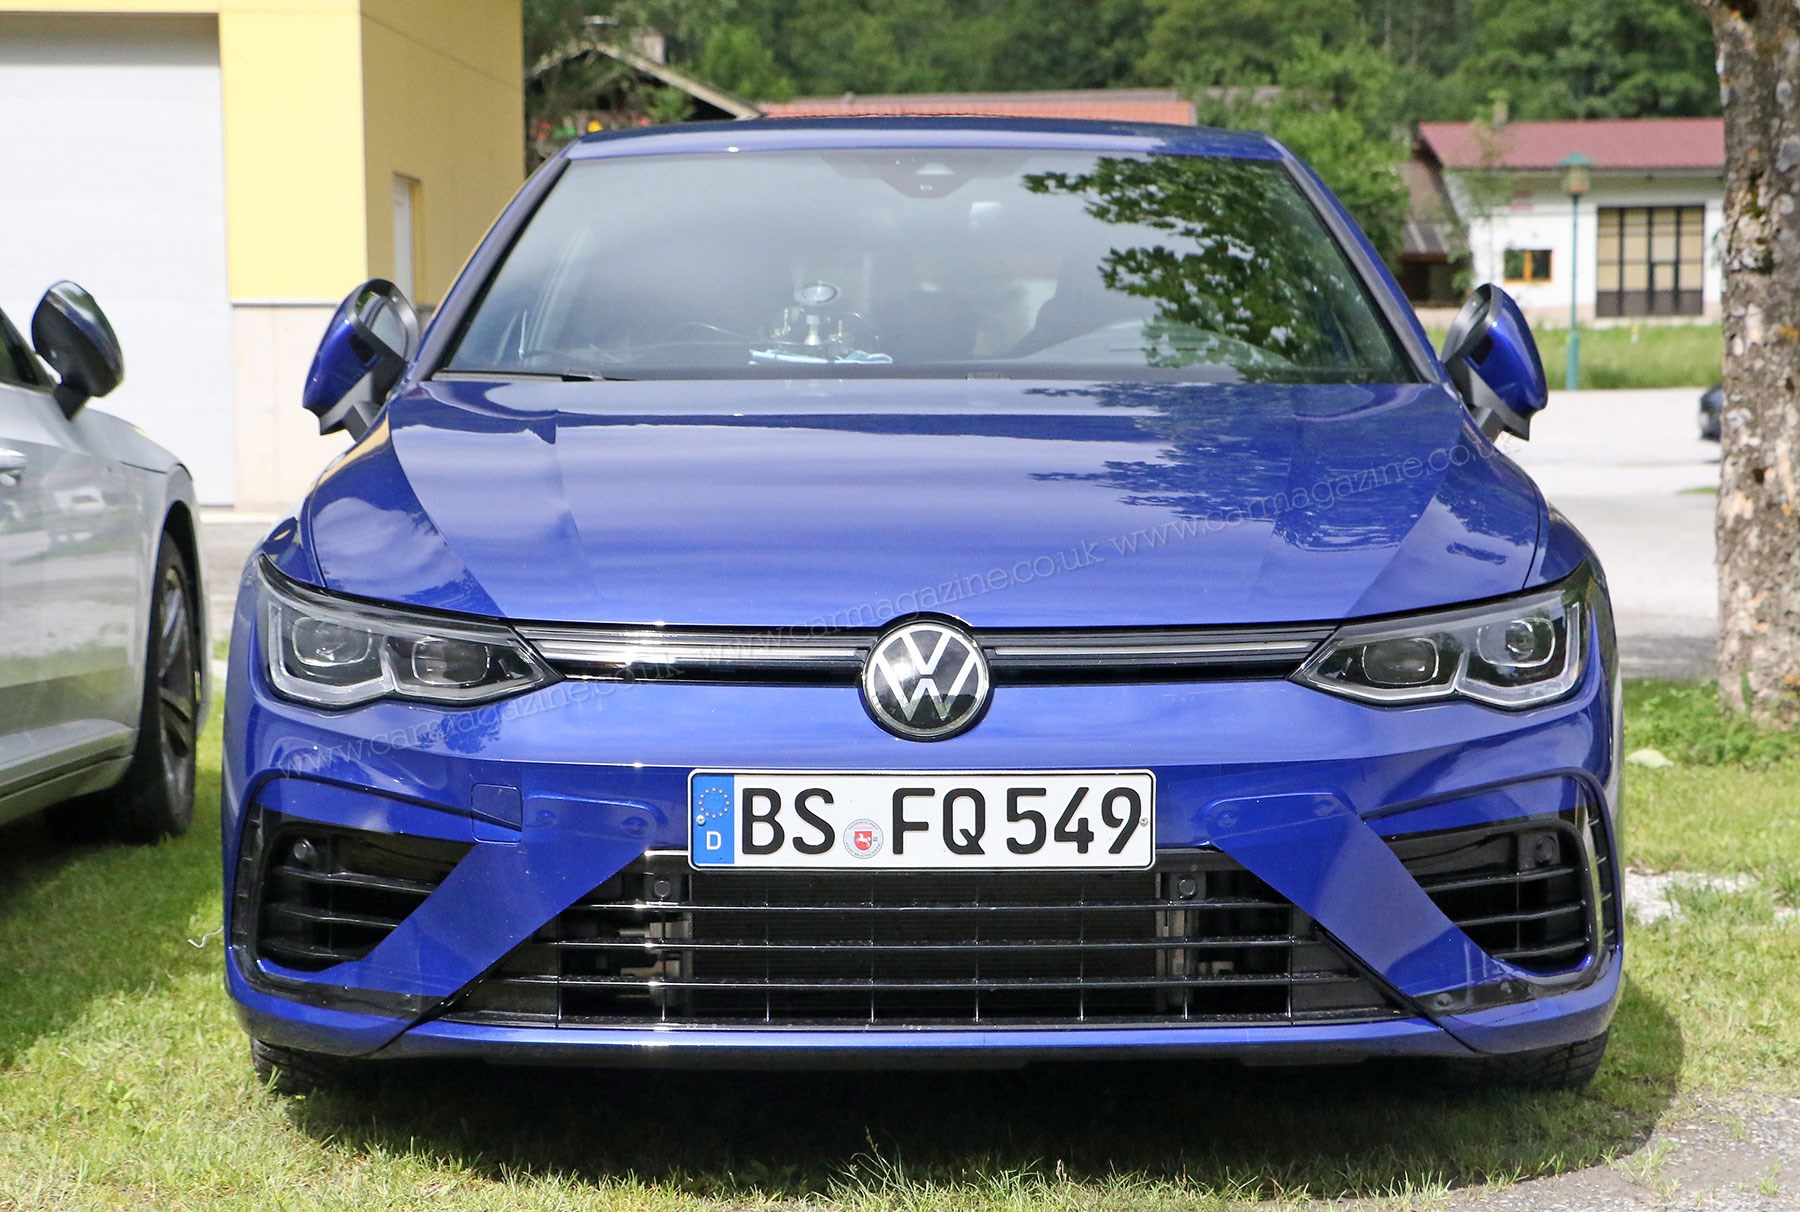 volkswagen-golf-7-estate-wagon-004 - VWVortex